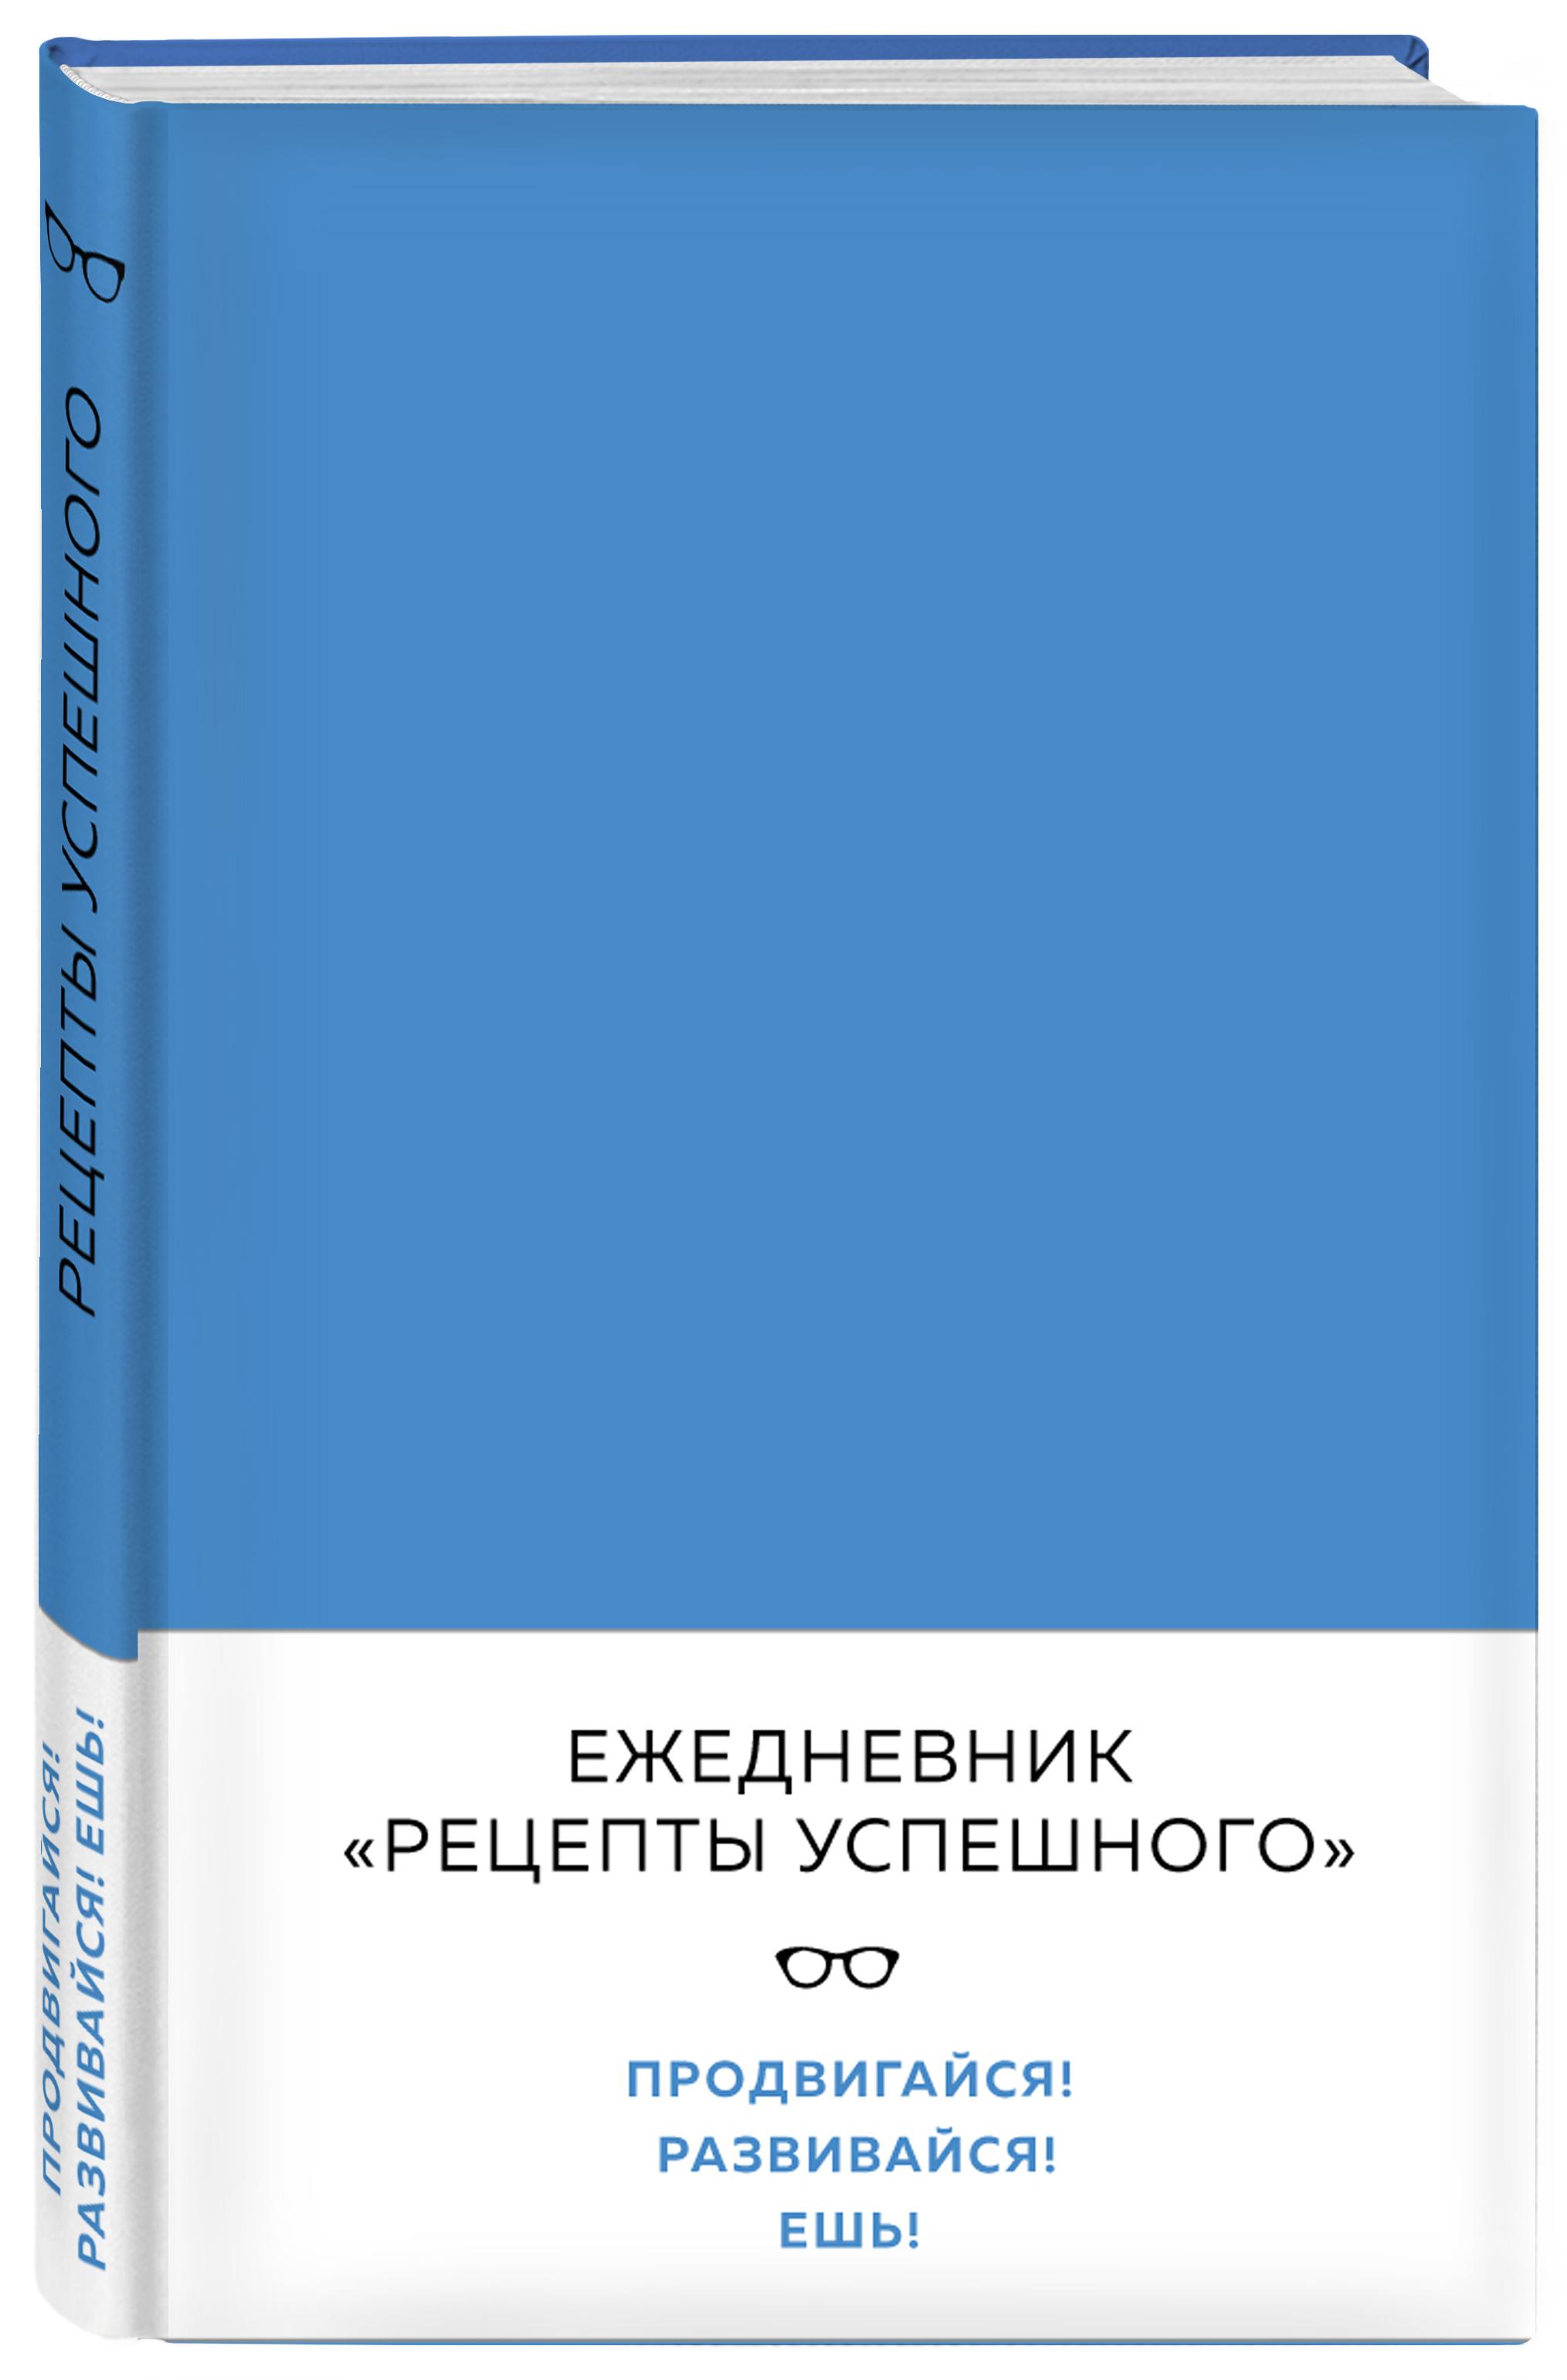 Блокнот. Рецепты успешного (уверенный синий) ( Перельман Владимир  )